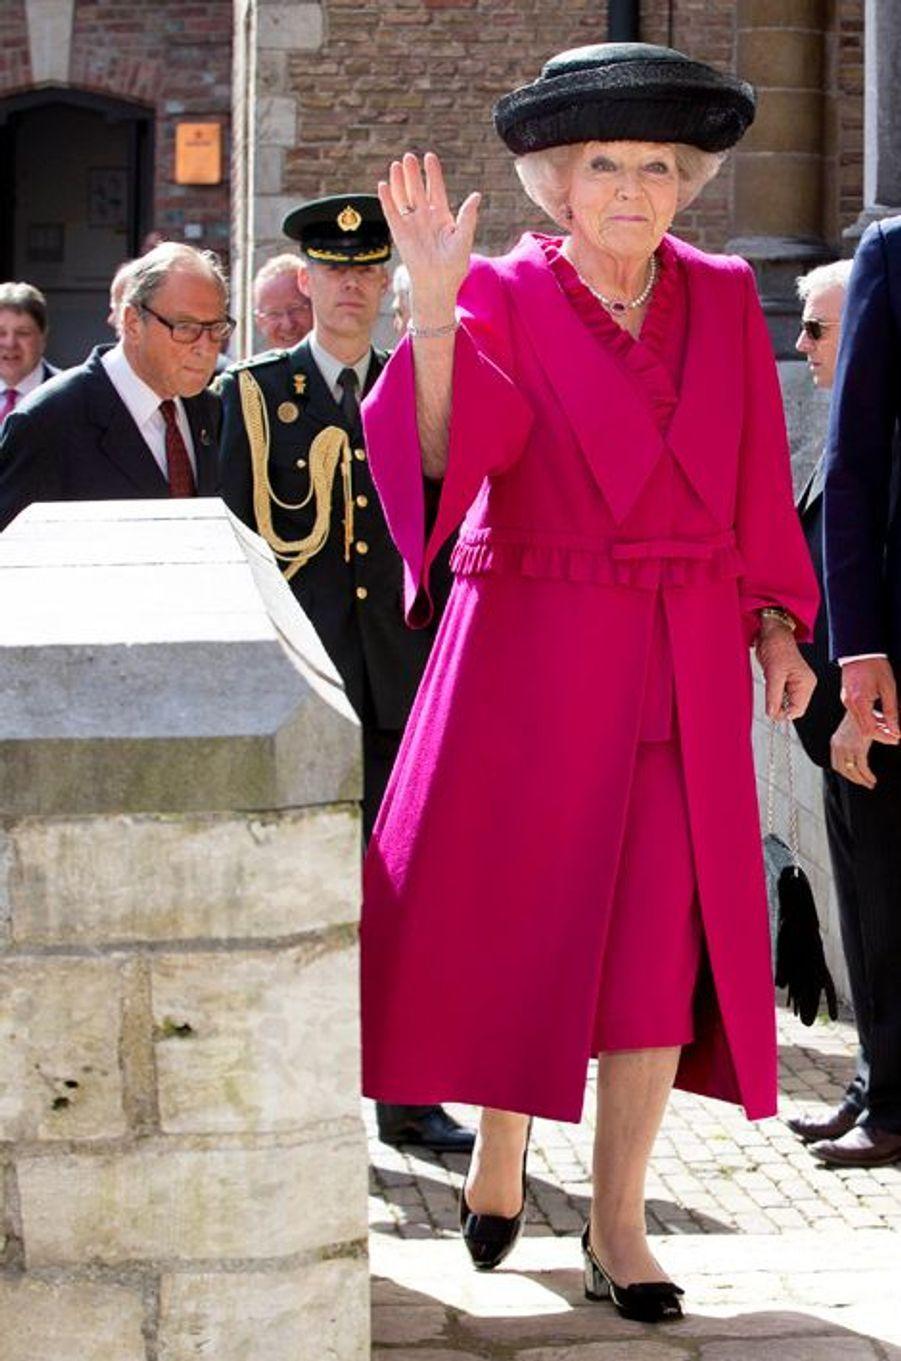 La princesse Beatrix des Pays-Bas à Middelburg, le 21 avril 2016